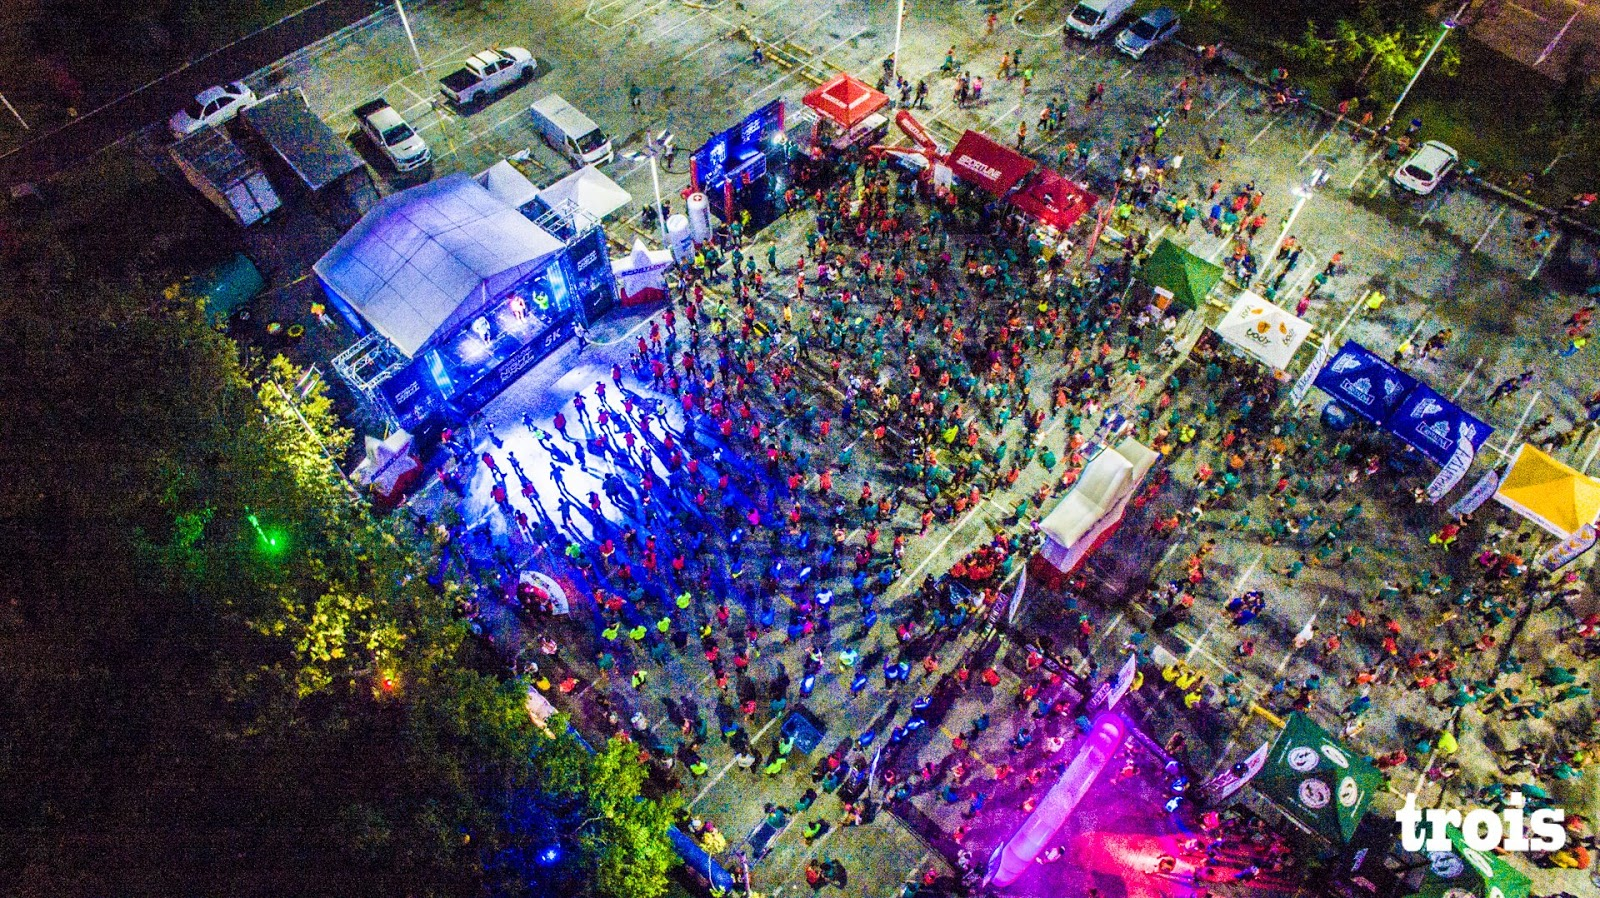 Sportline America Night Runners : RUNNING IN PANAMA